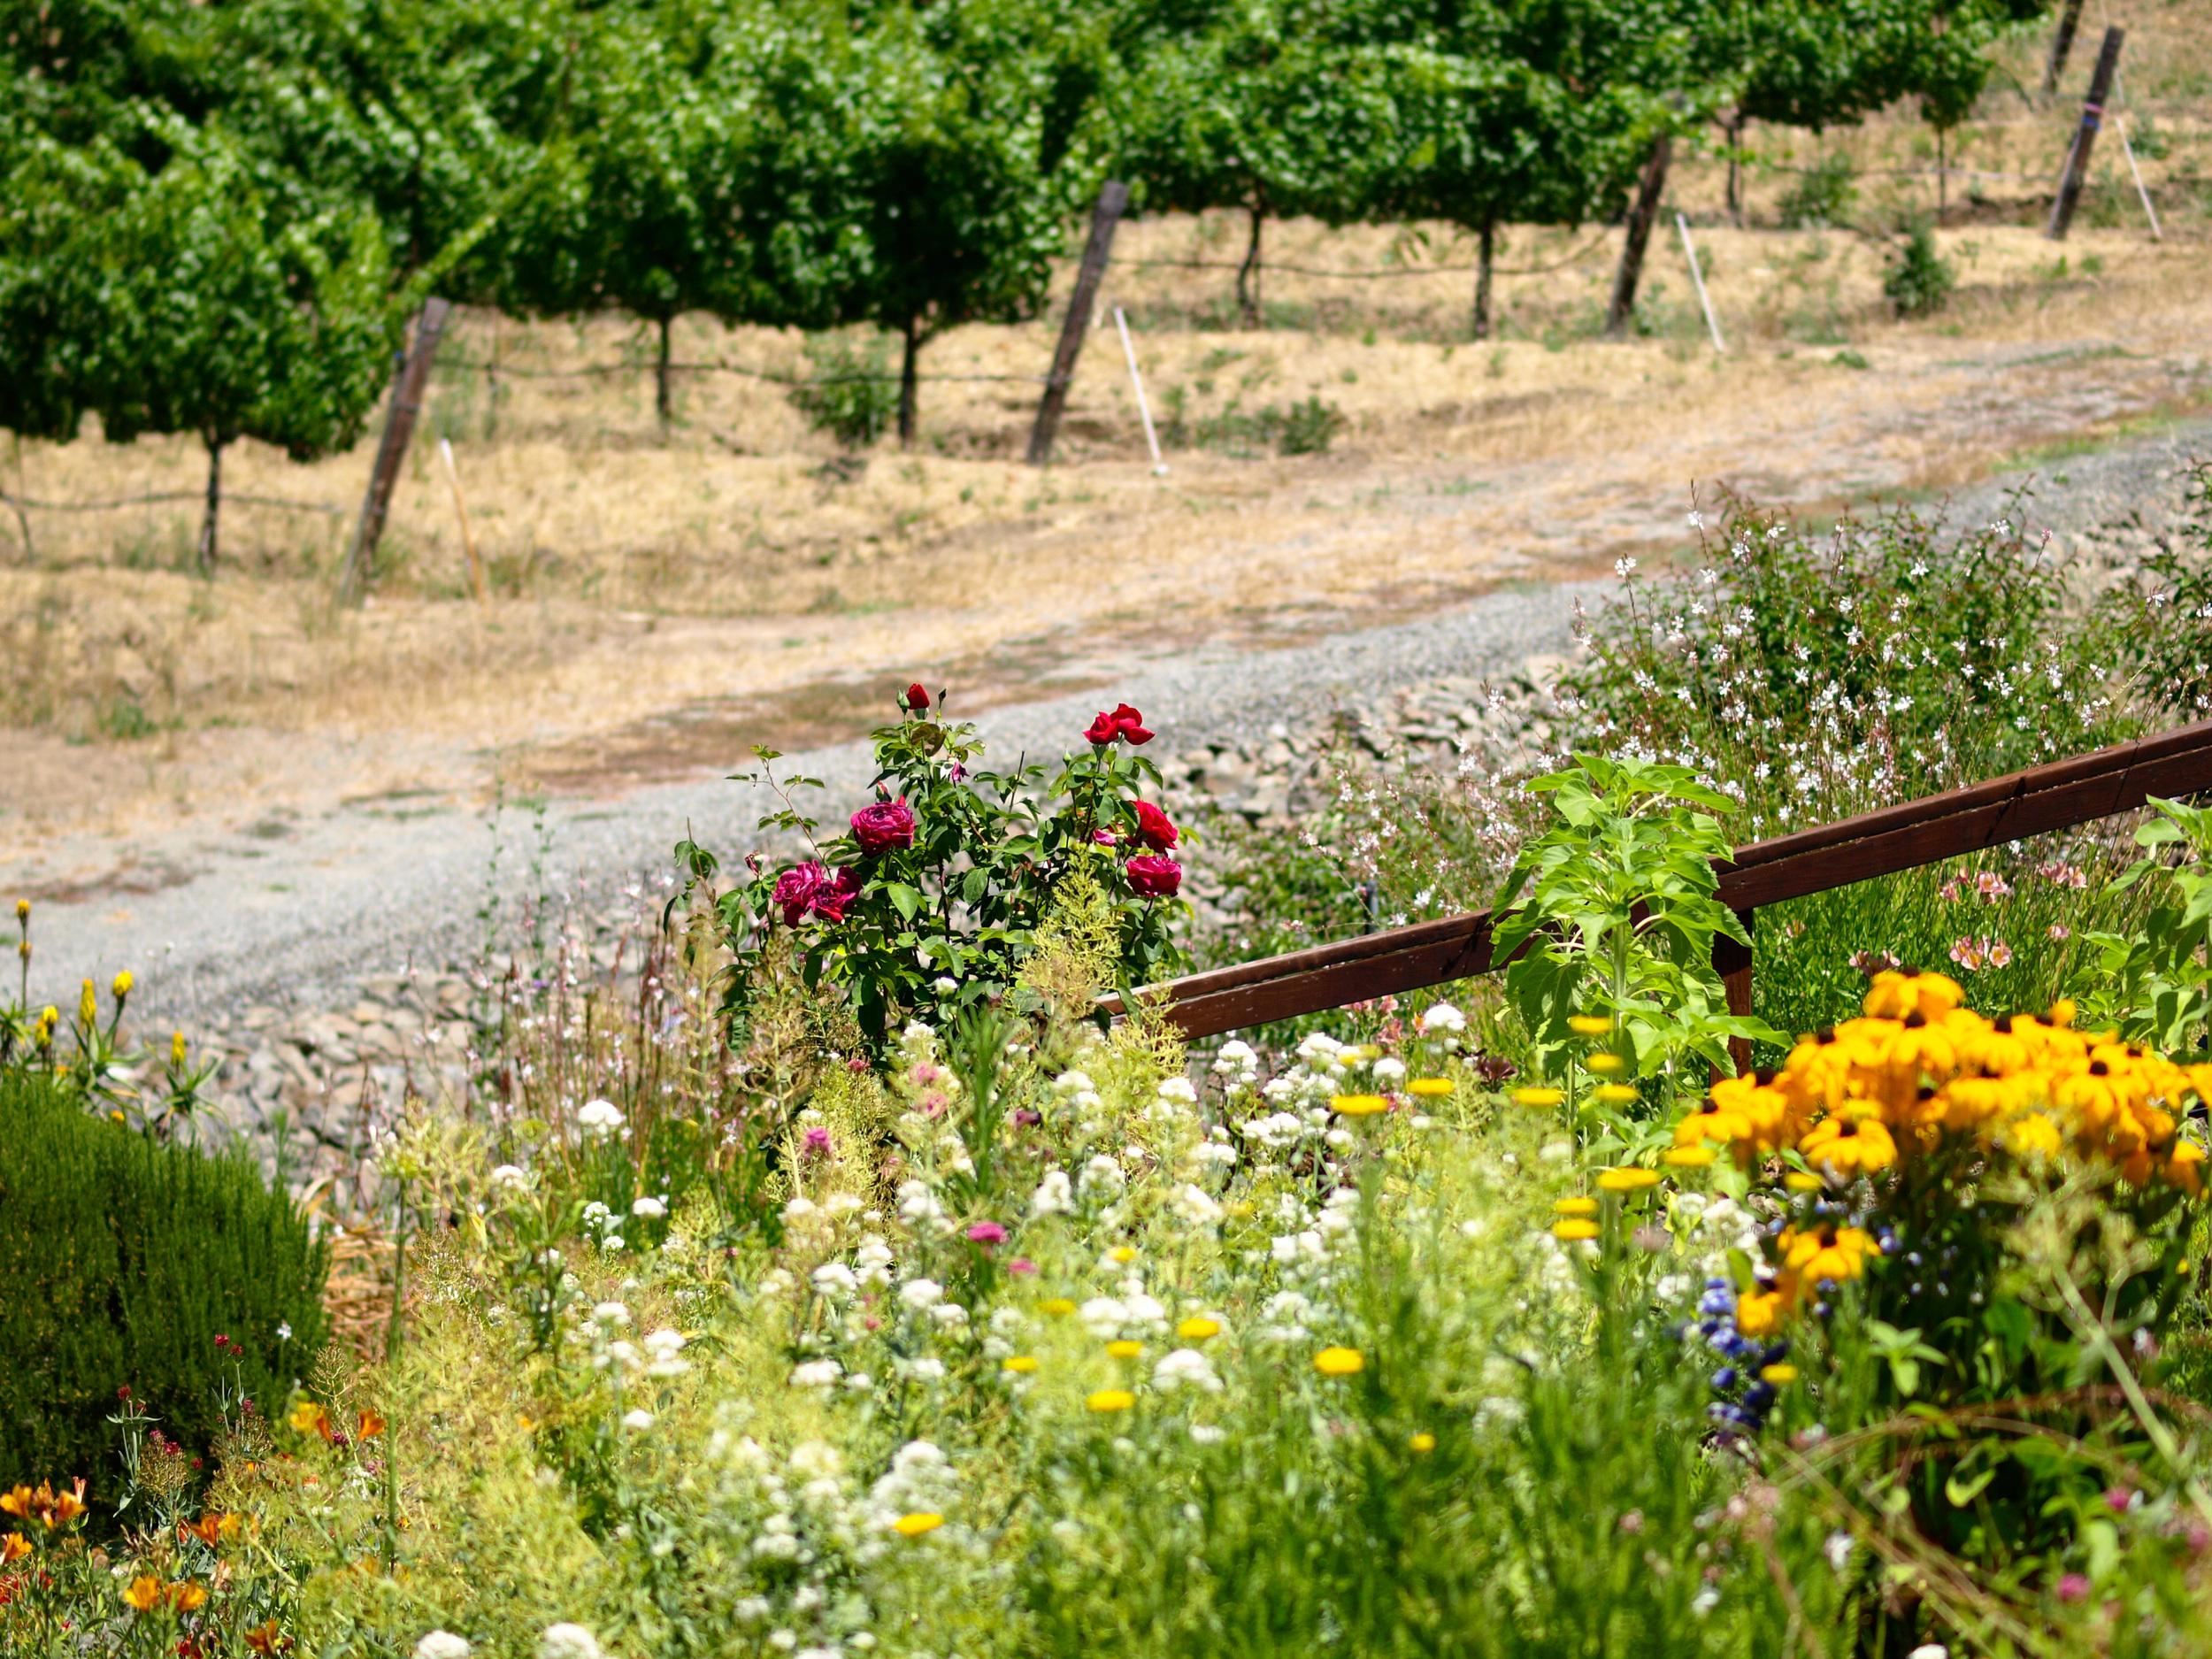 flowers-and-vineyard.jpg